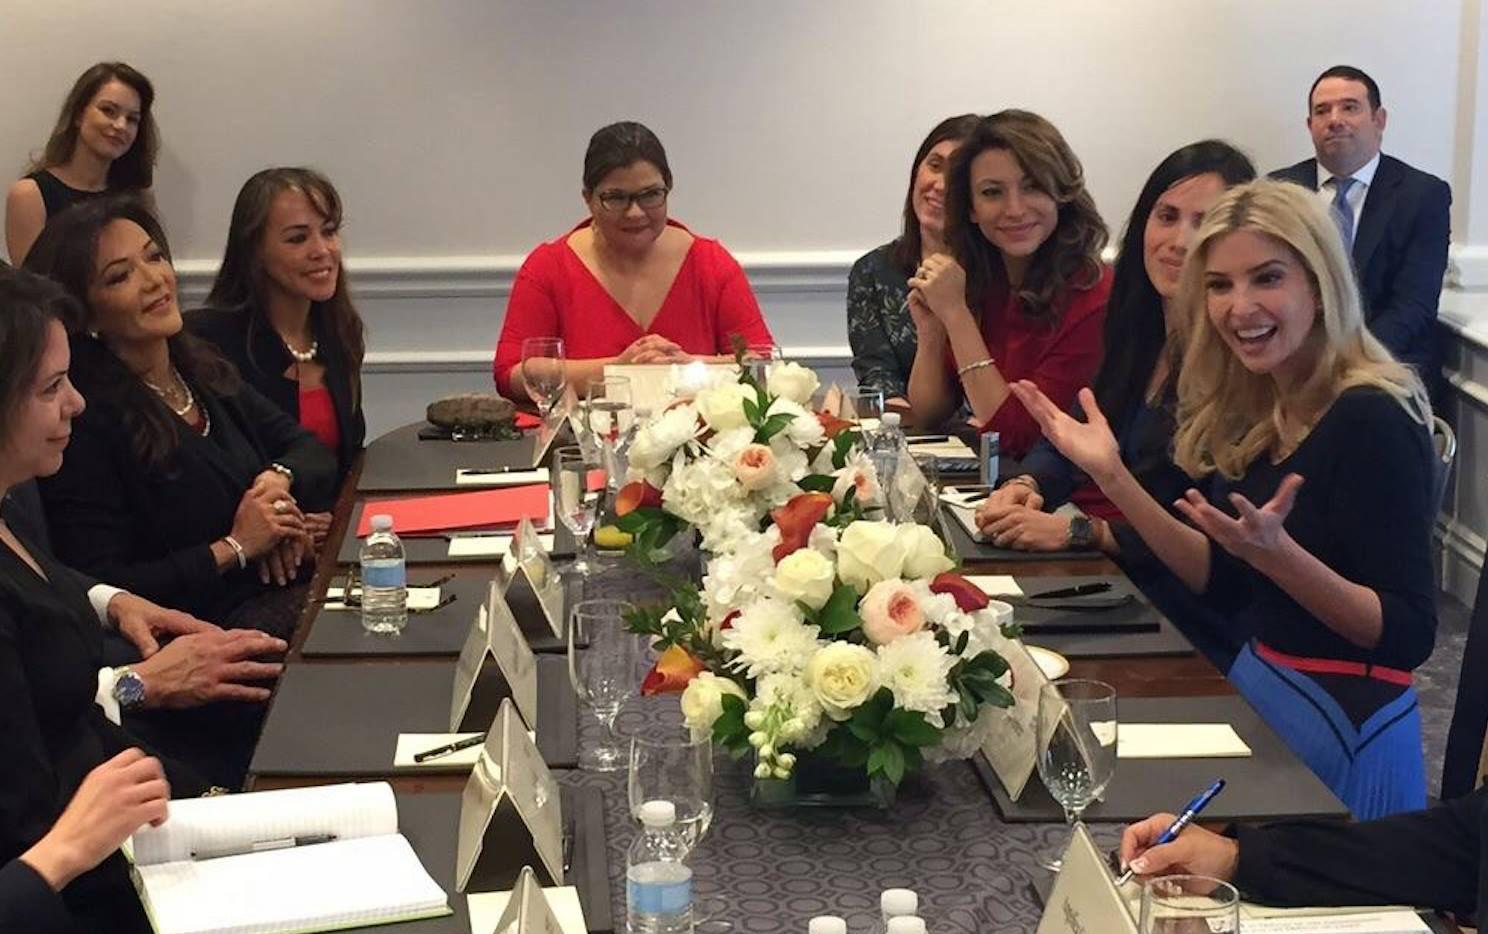 Ivanka Trump, hija del preisidente Donald Trump, fue una de las representantes de la Casa Blanca que se reunieron con una delegación de la U.S. Cámara de Comercio,  Hispana que incluyó a la empresaria de Dallas Nina Vaca-Humrichouse. (Tomada de Facebook)